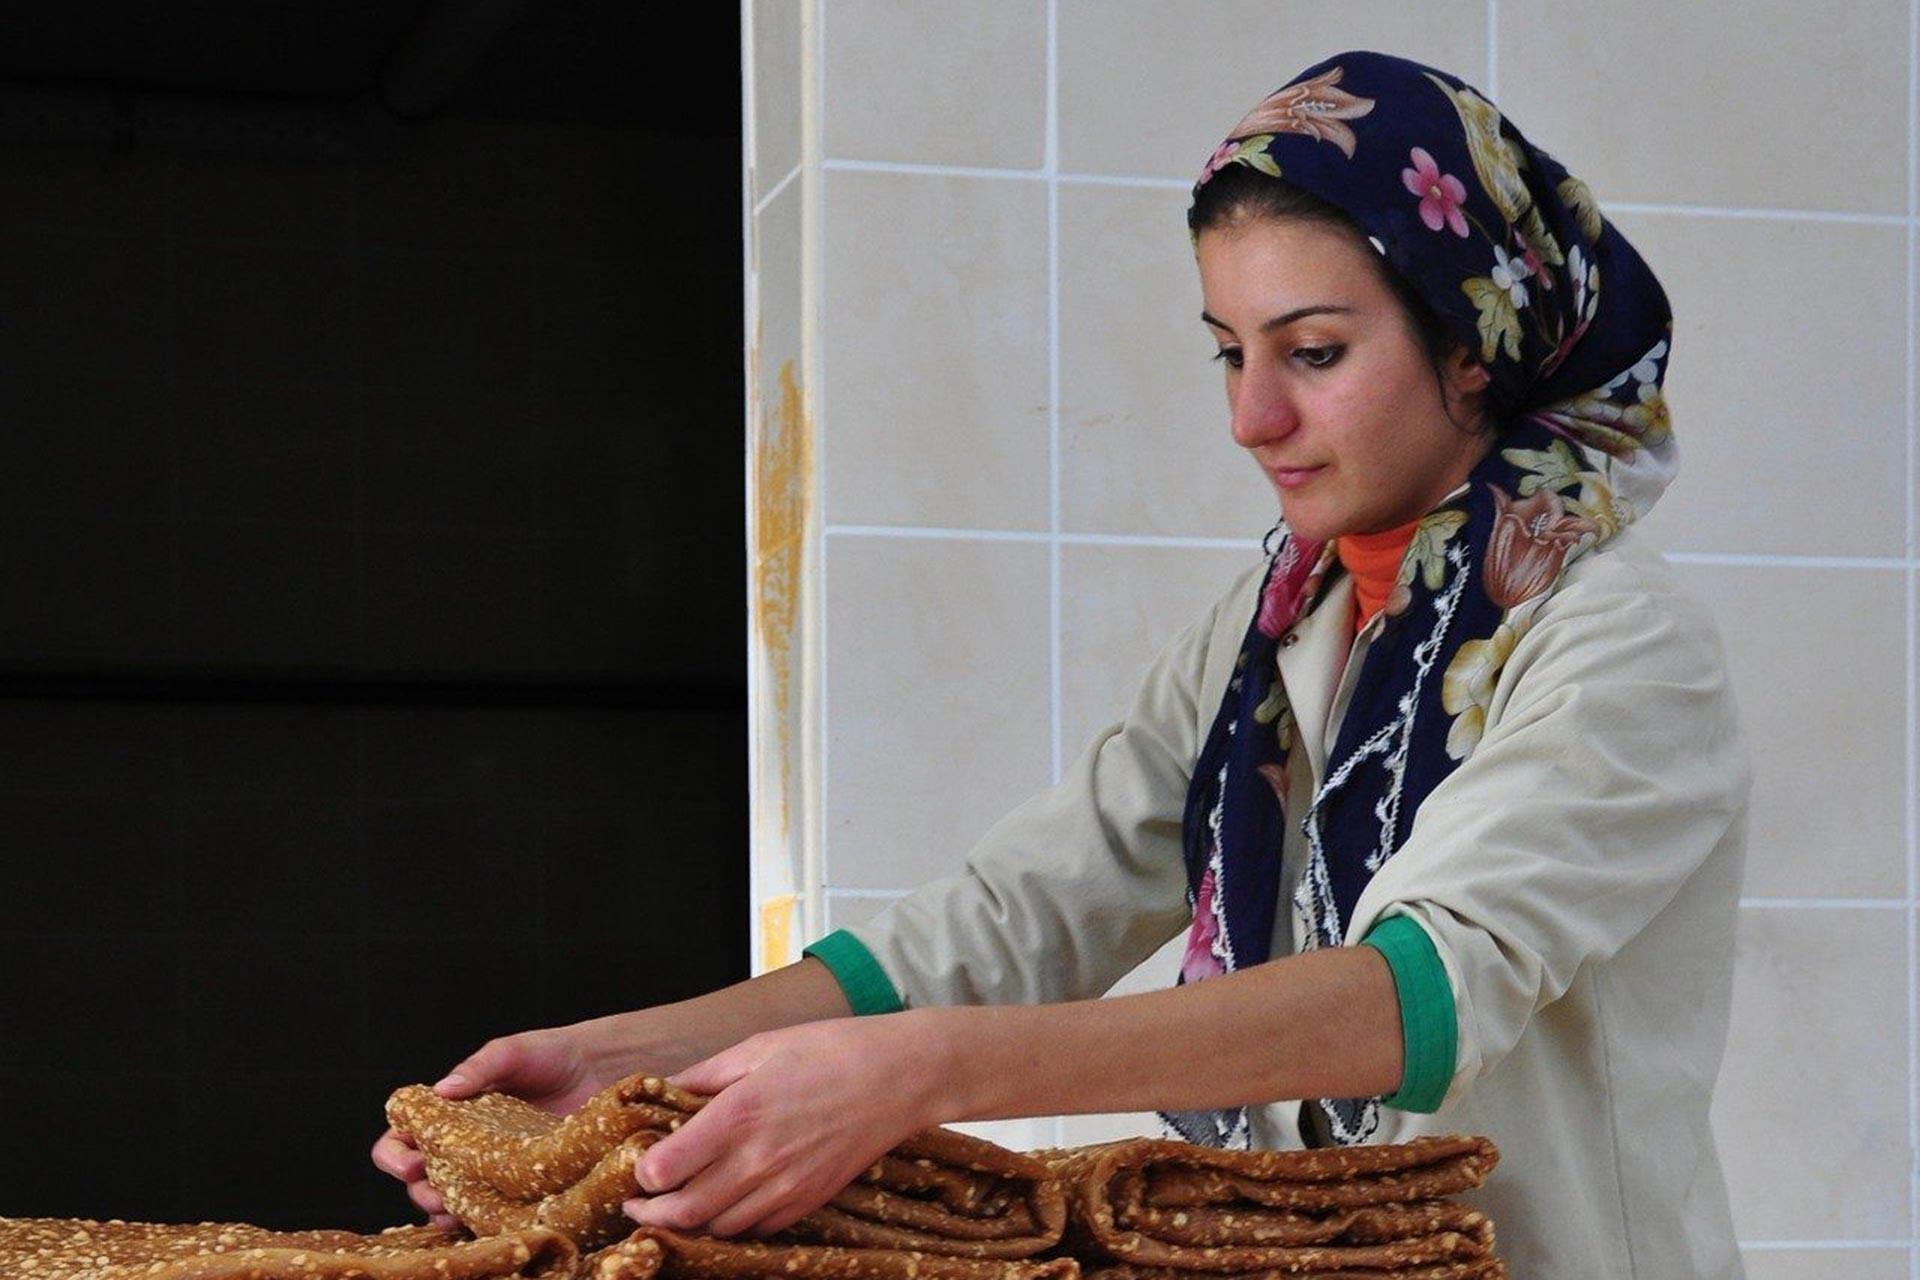 Bir kadın tekstil işçisi çalışırken